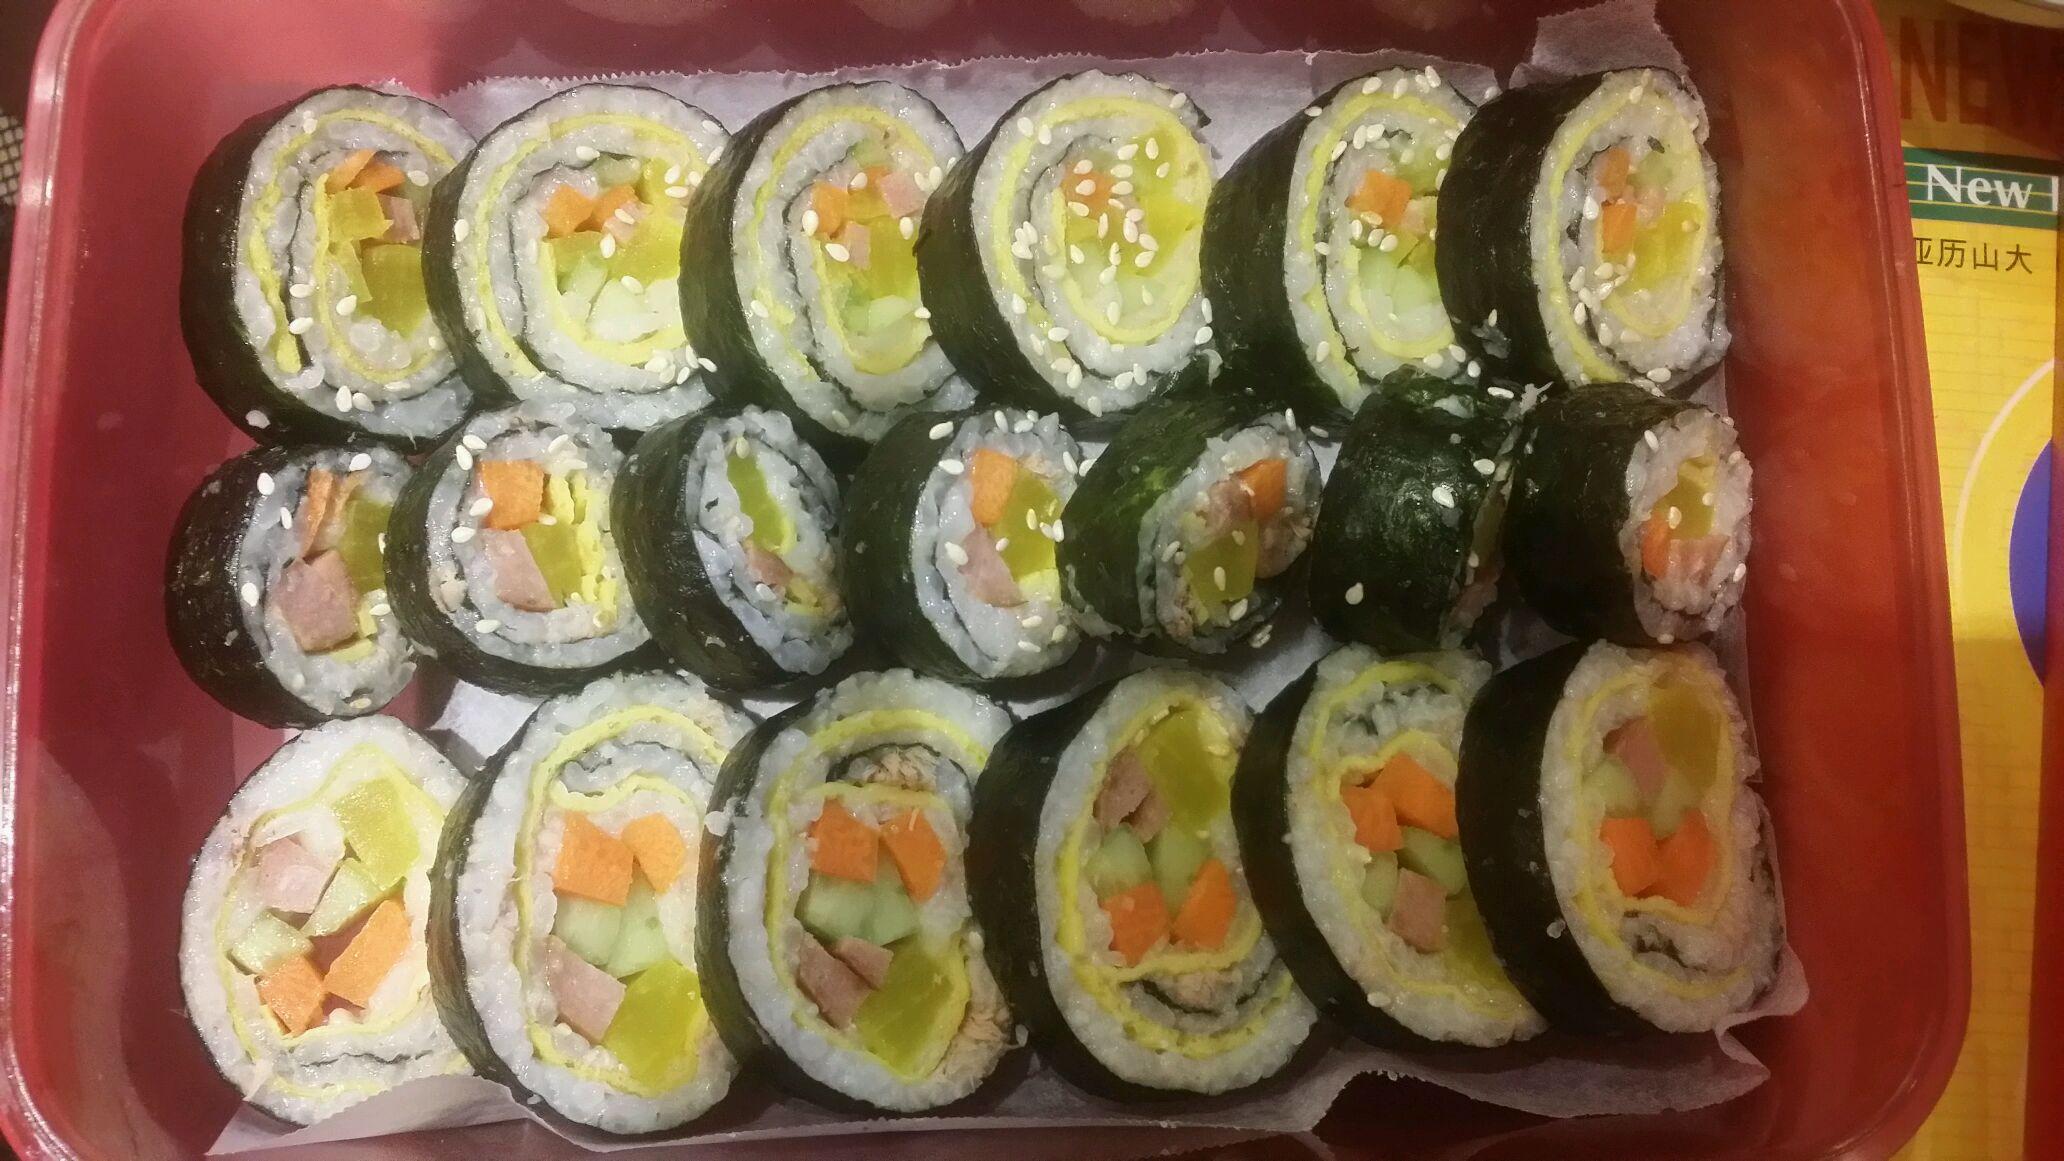 深夜寿司卷的做法_【图解】深夜寿司卷怎么做如何做